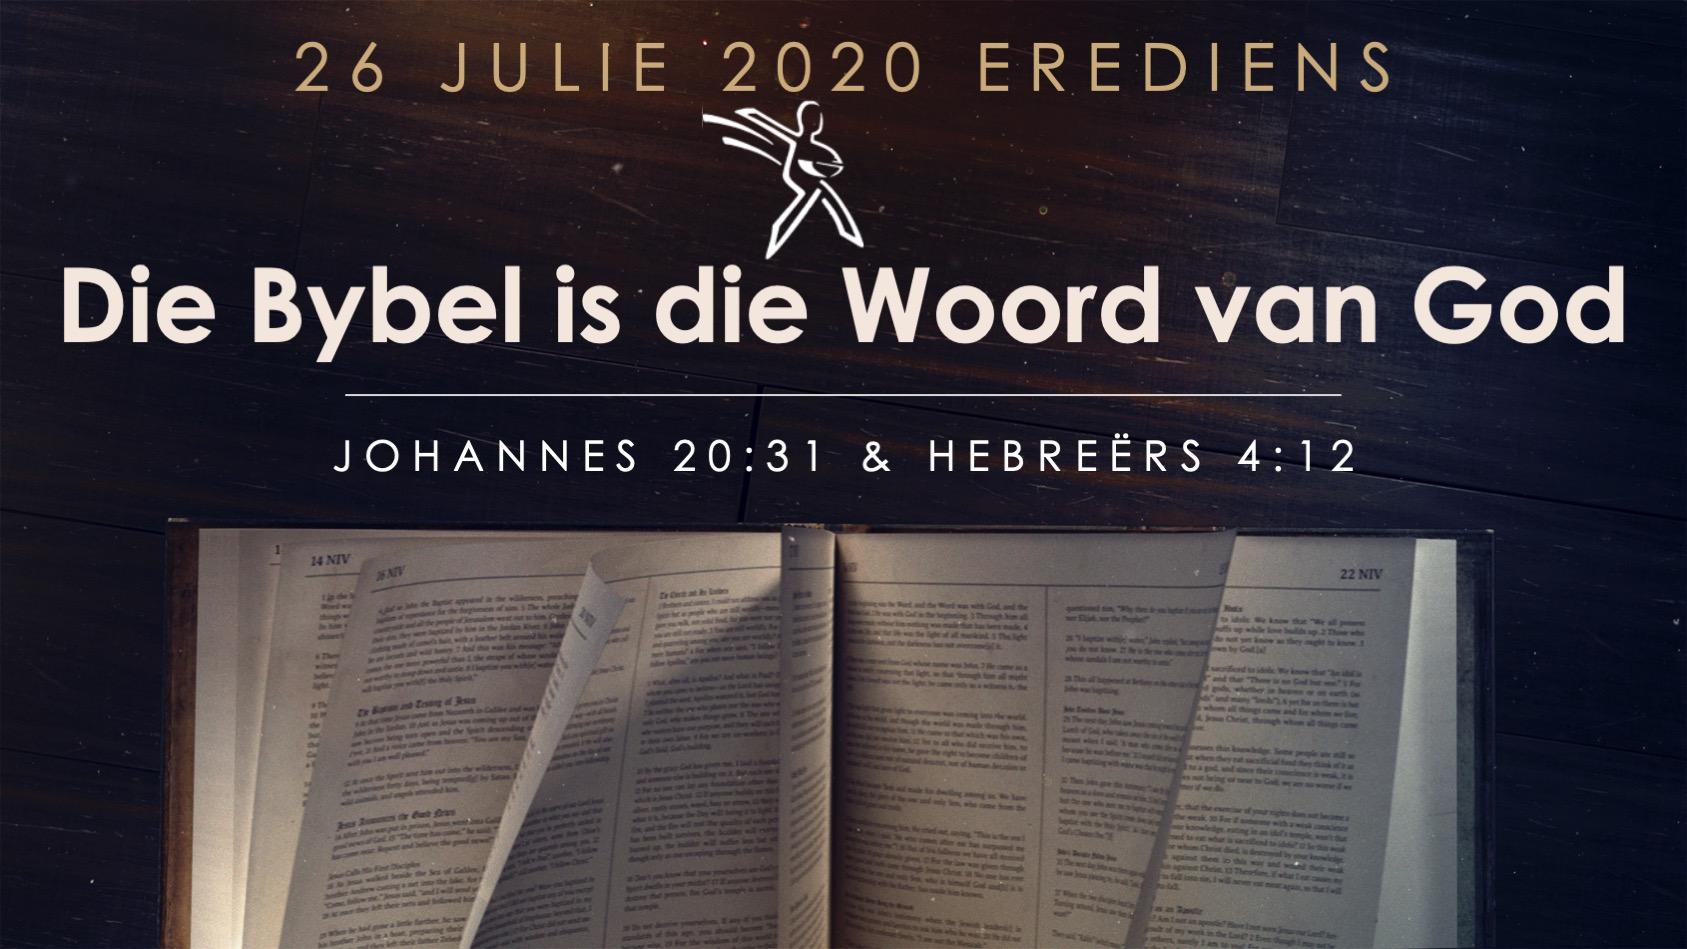 Die Bybel is die Woord van God